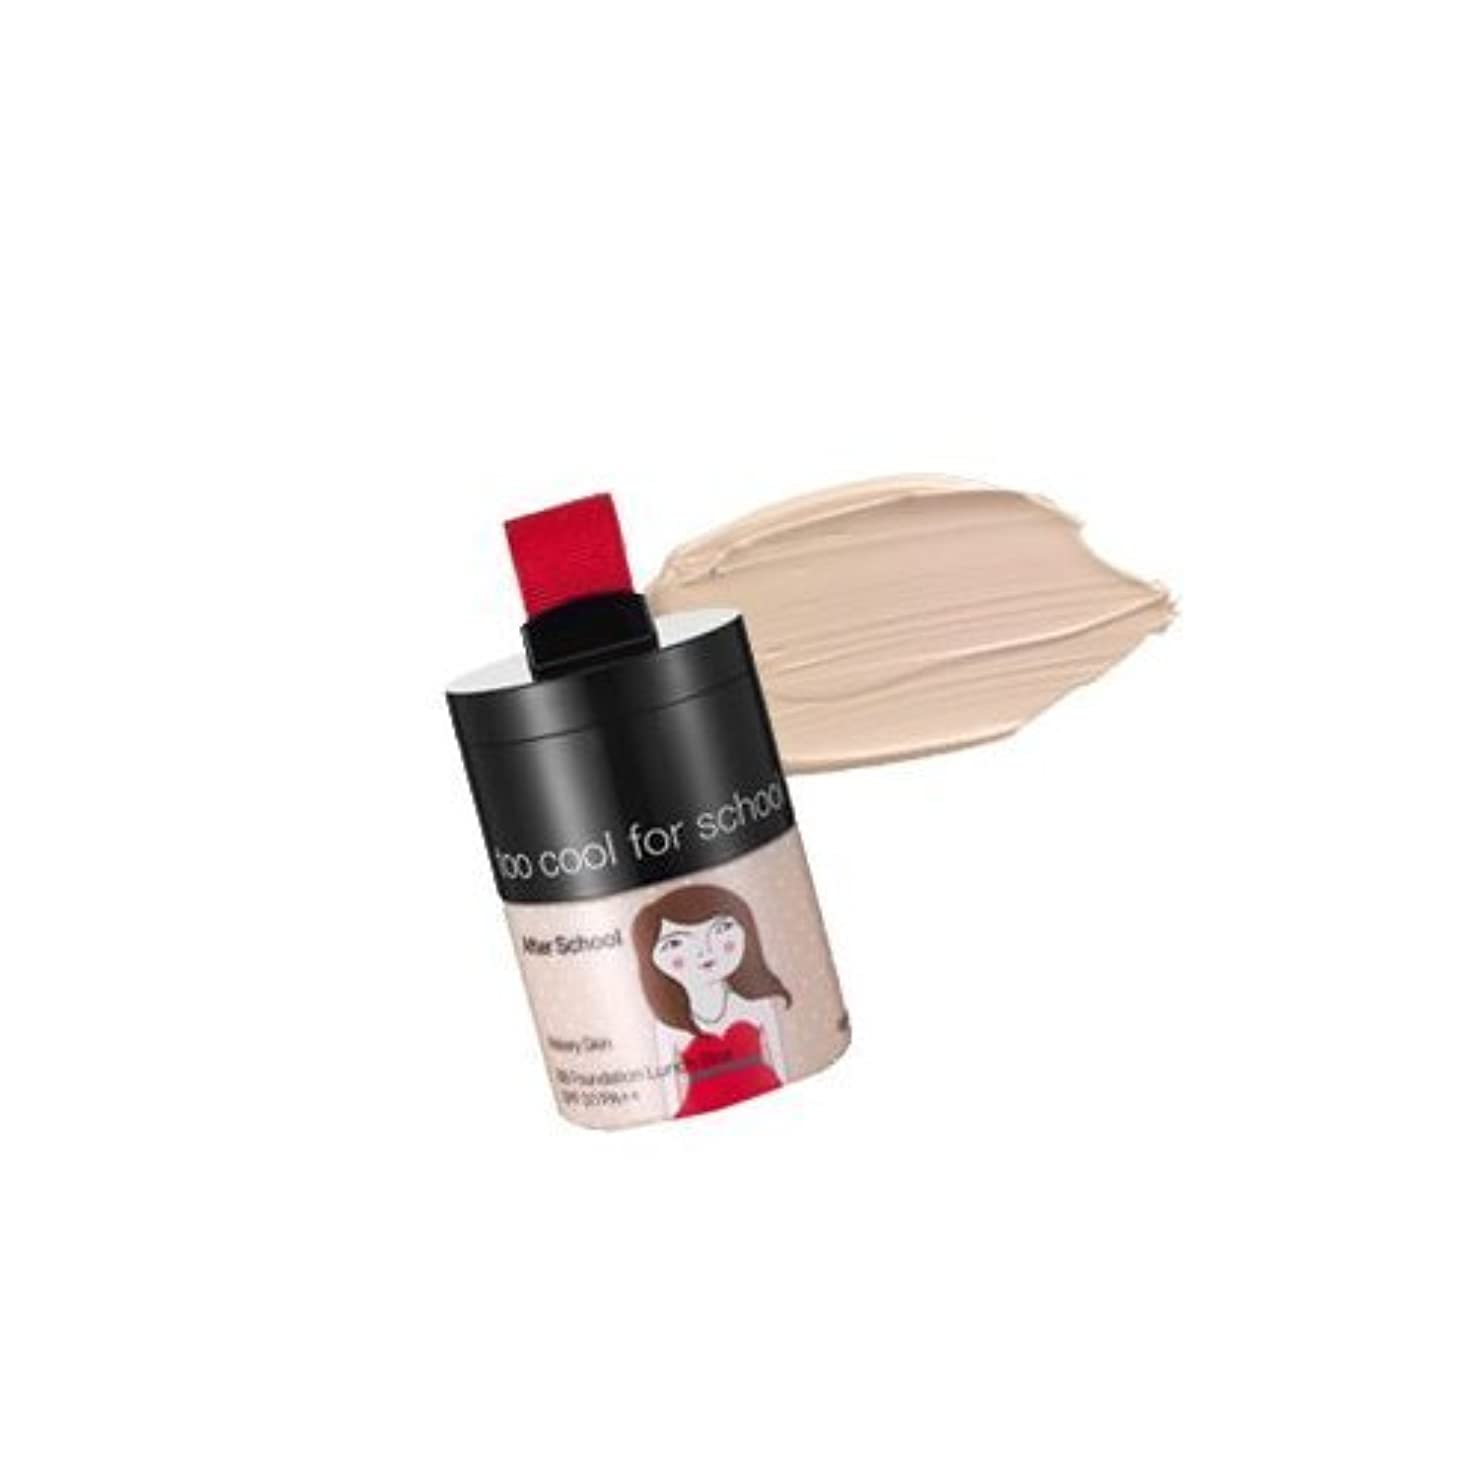 日食販売計画寸前TOO COOL FOR SCHOOL After School BB Foundation Lunch Box 01 Matte Skin (並行輸入品)